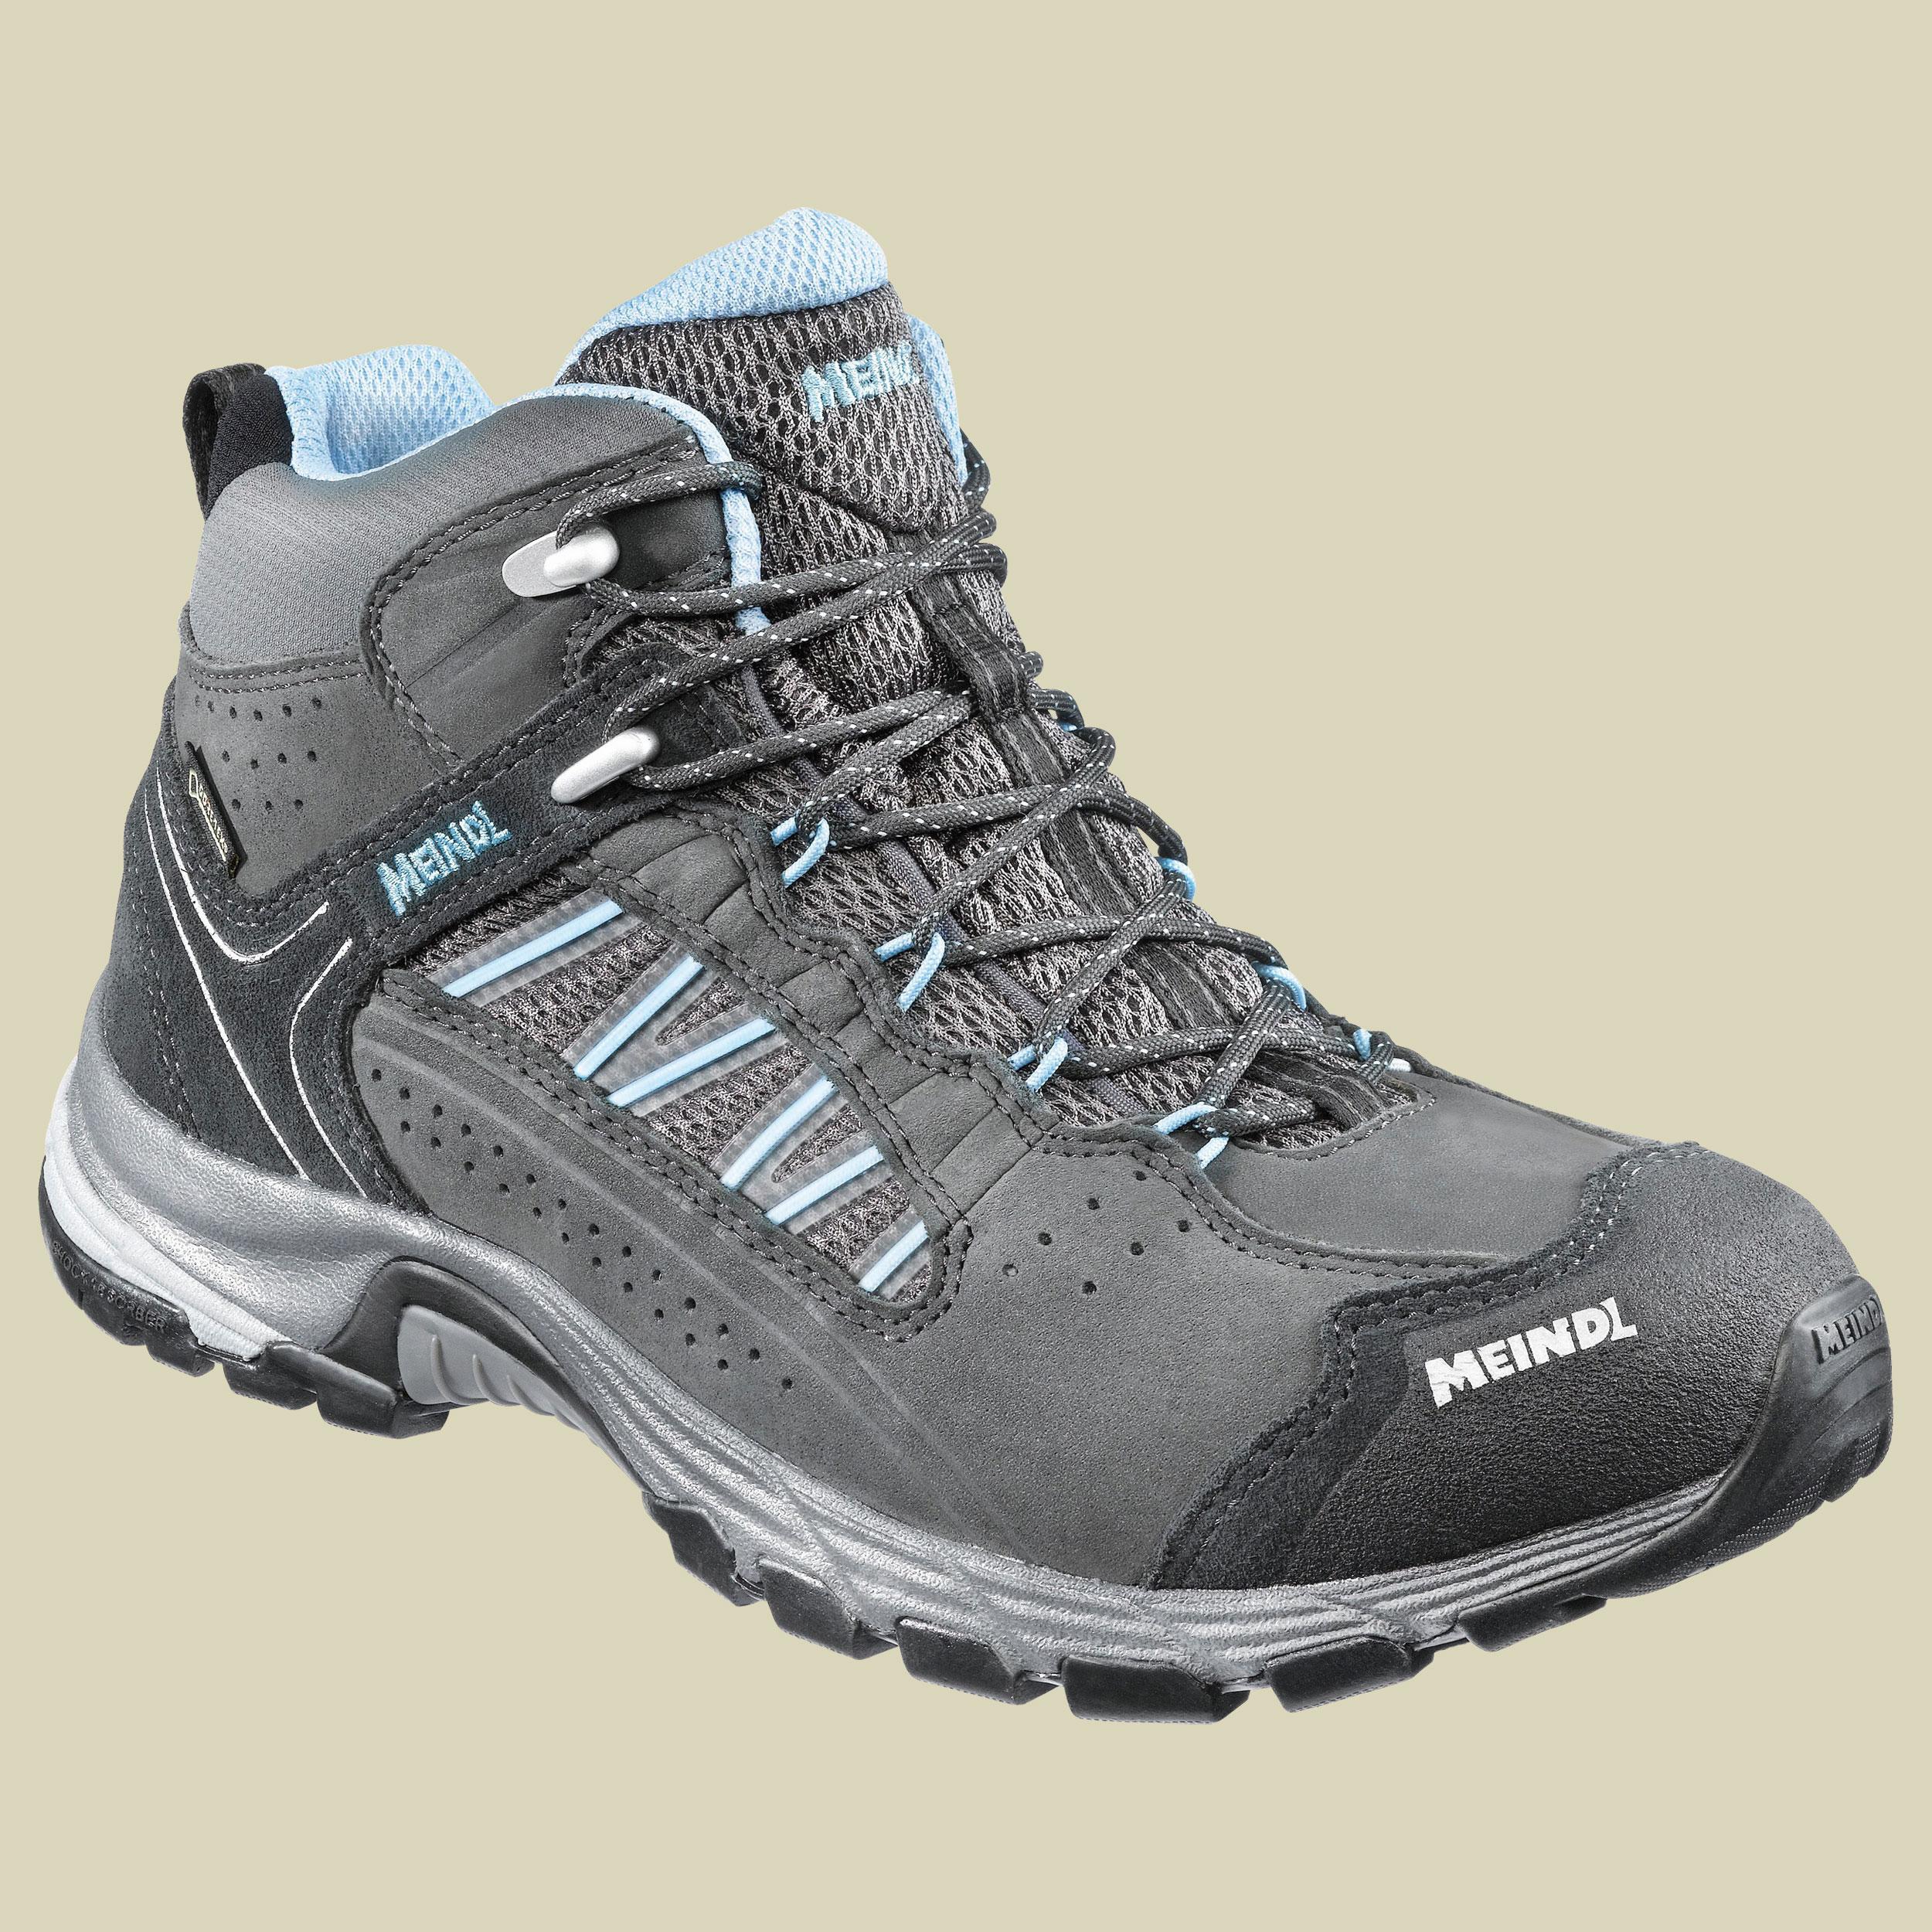 Schuhegt; Outdoorstiefel Rabatt Stiefel Schuhegt; Schuhegt; Stiefel Outdoorstiefel Rabatt Rabatt 3RcALq5jS4